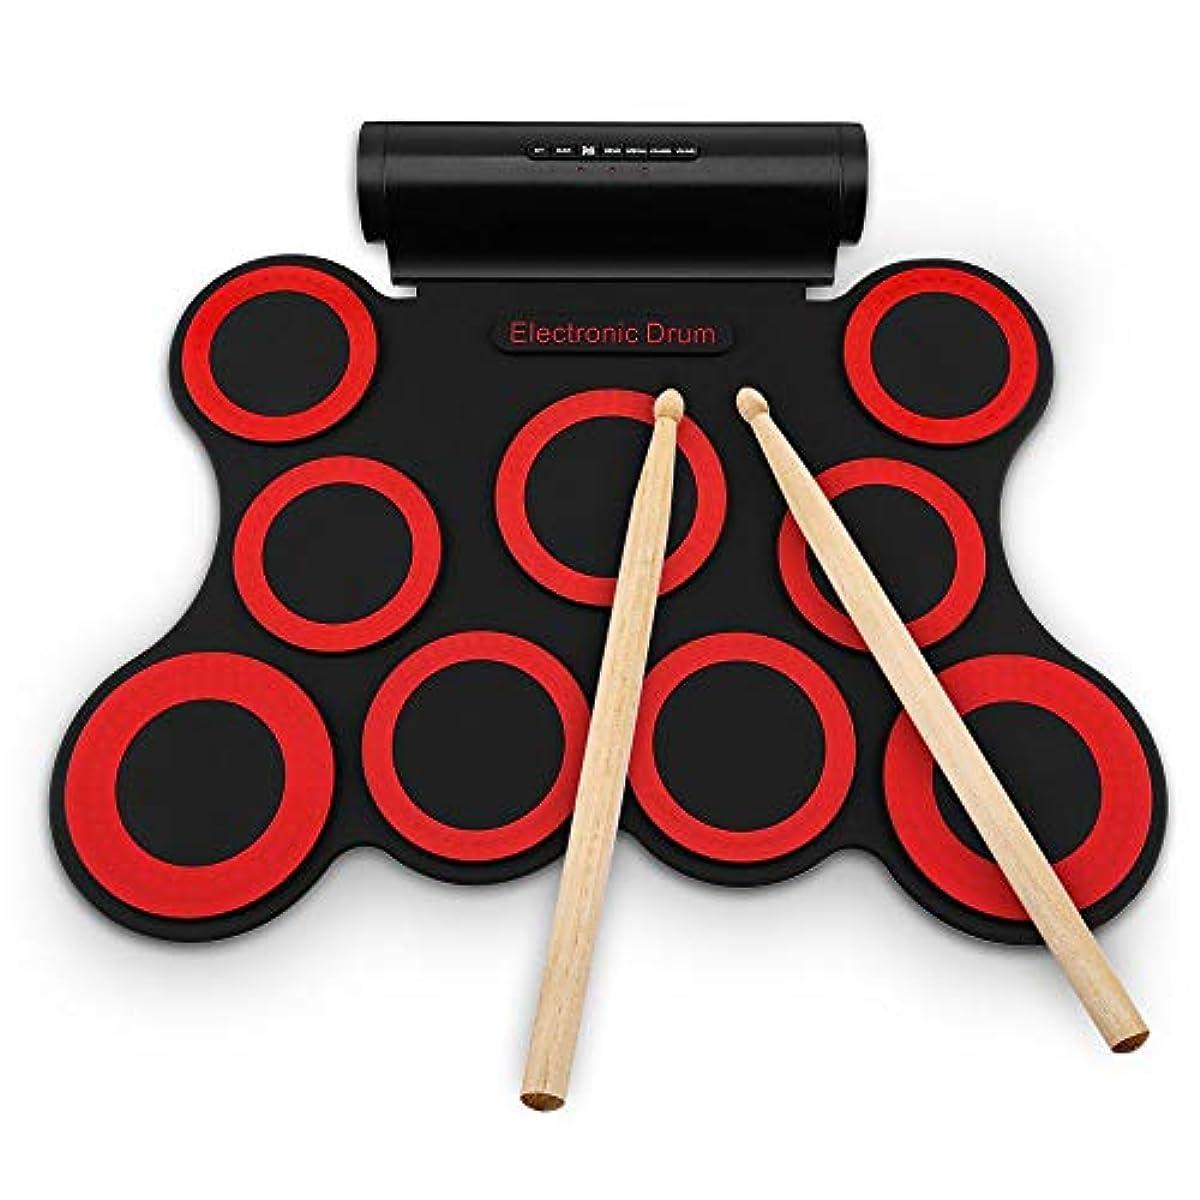 [해외] 디지털 전기 드럼 키트-9 패드 포터블 전자 롤업 드럼 접는식 연습 기구 내장 스피커 & 풋 페달 & 드럼 스틱 아이를 위한,초심자,어른